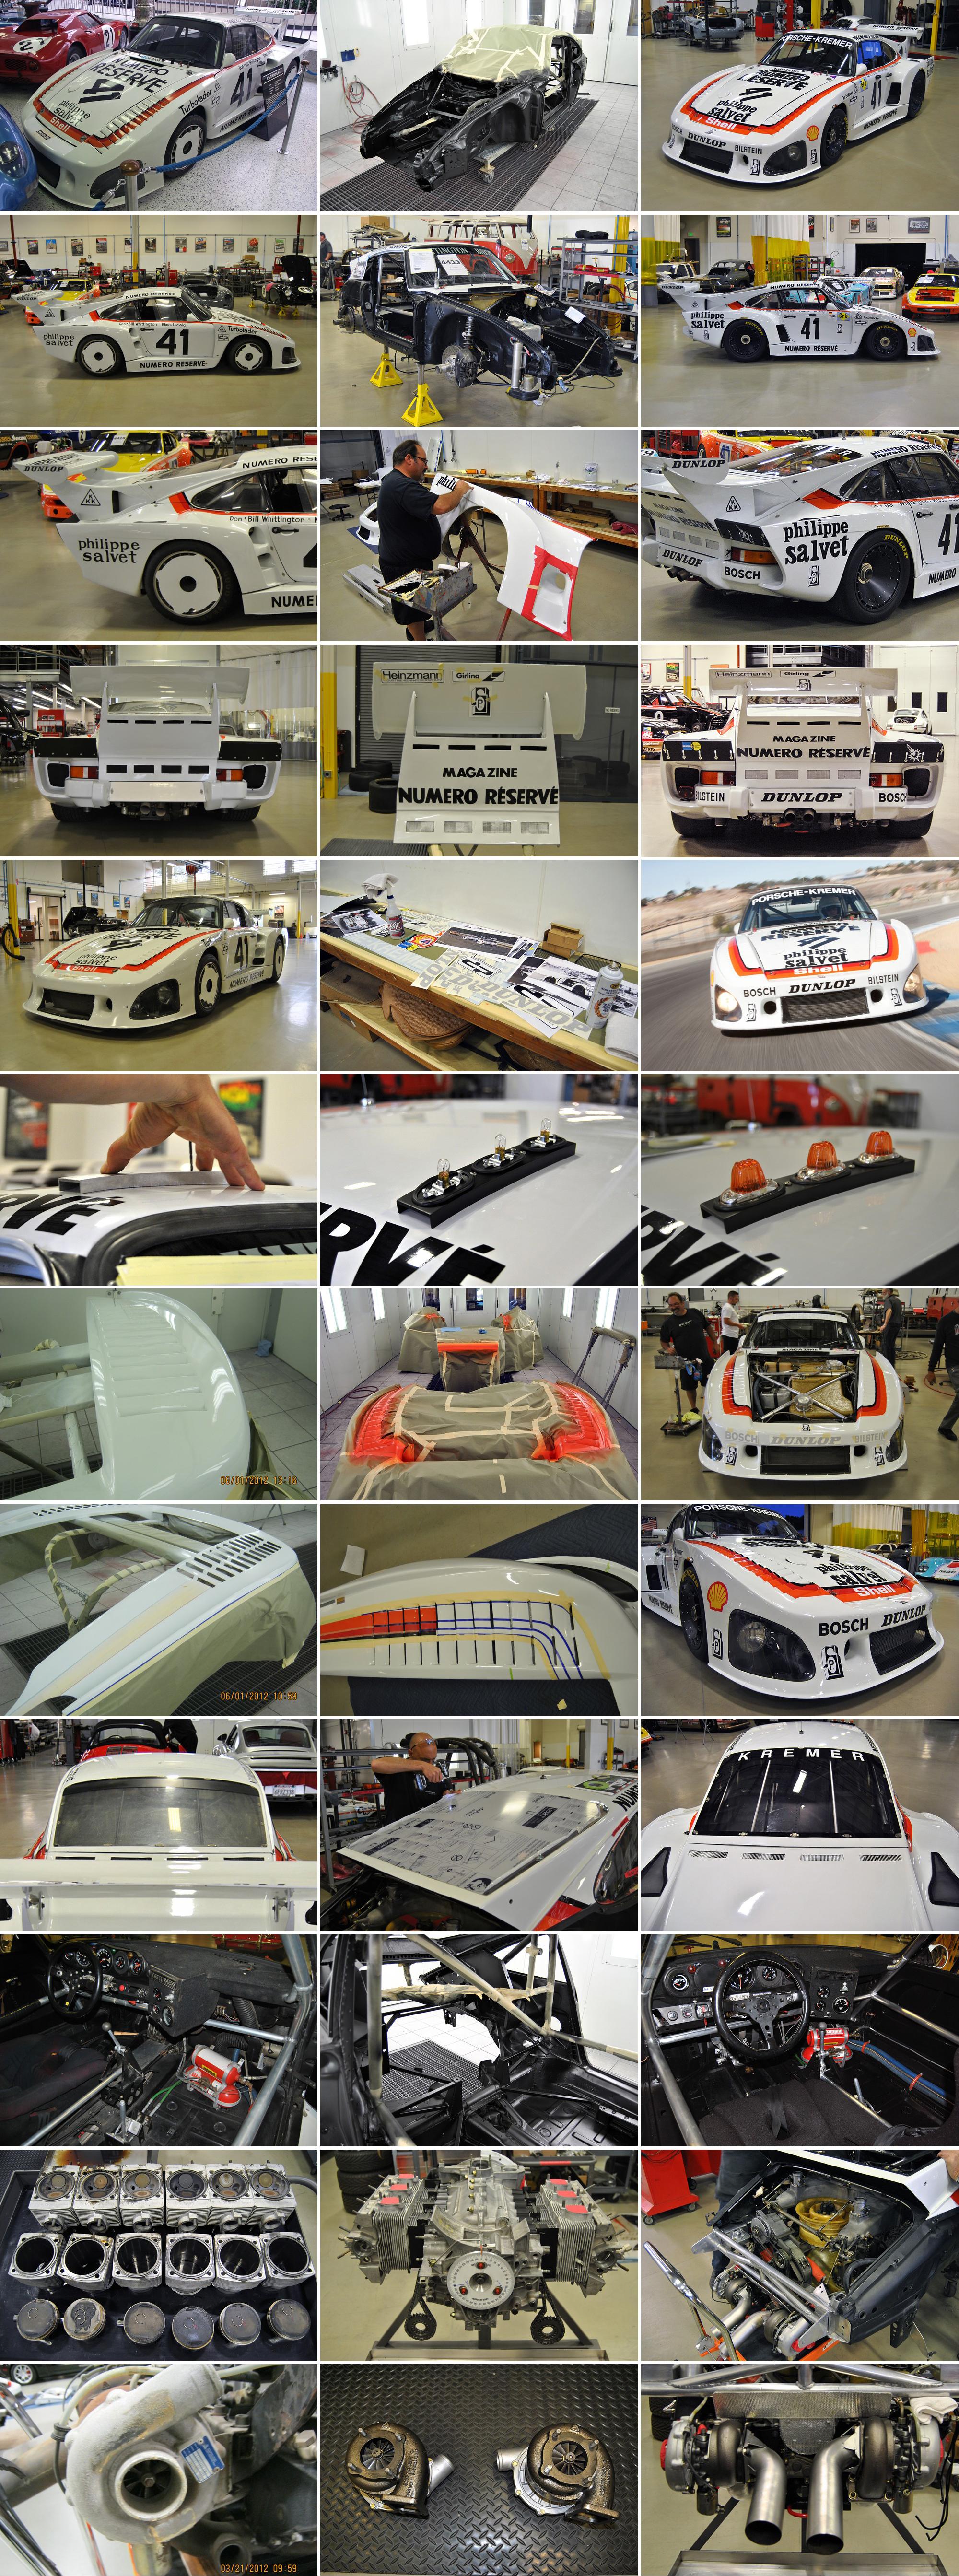 79 Porsche 935 K3 Restoration Gallery